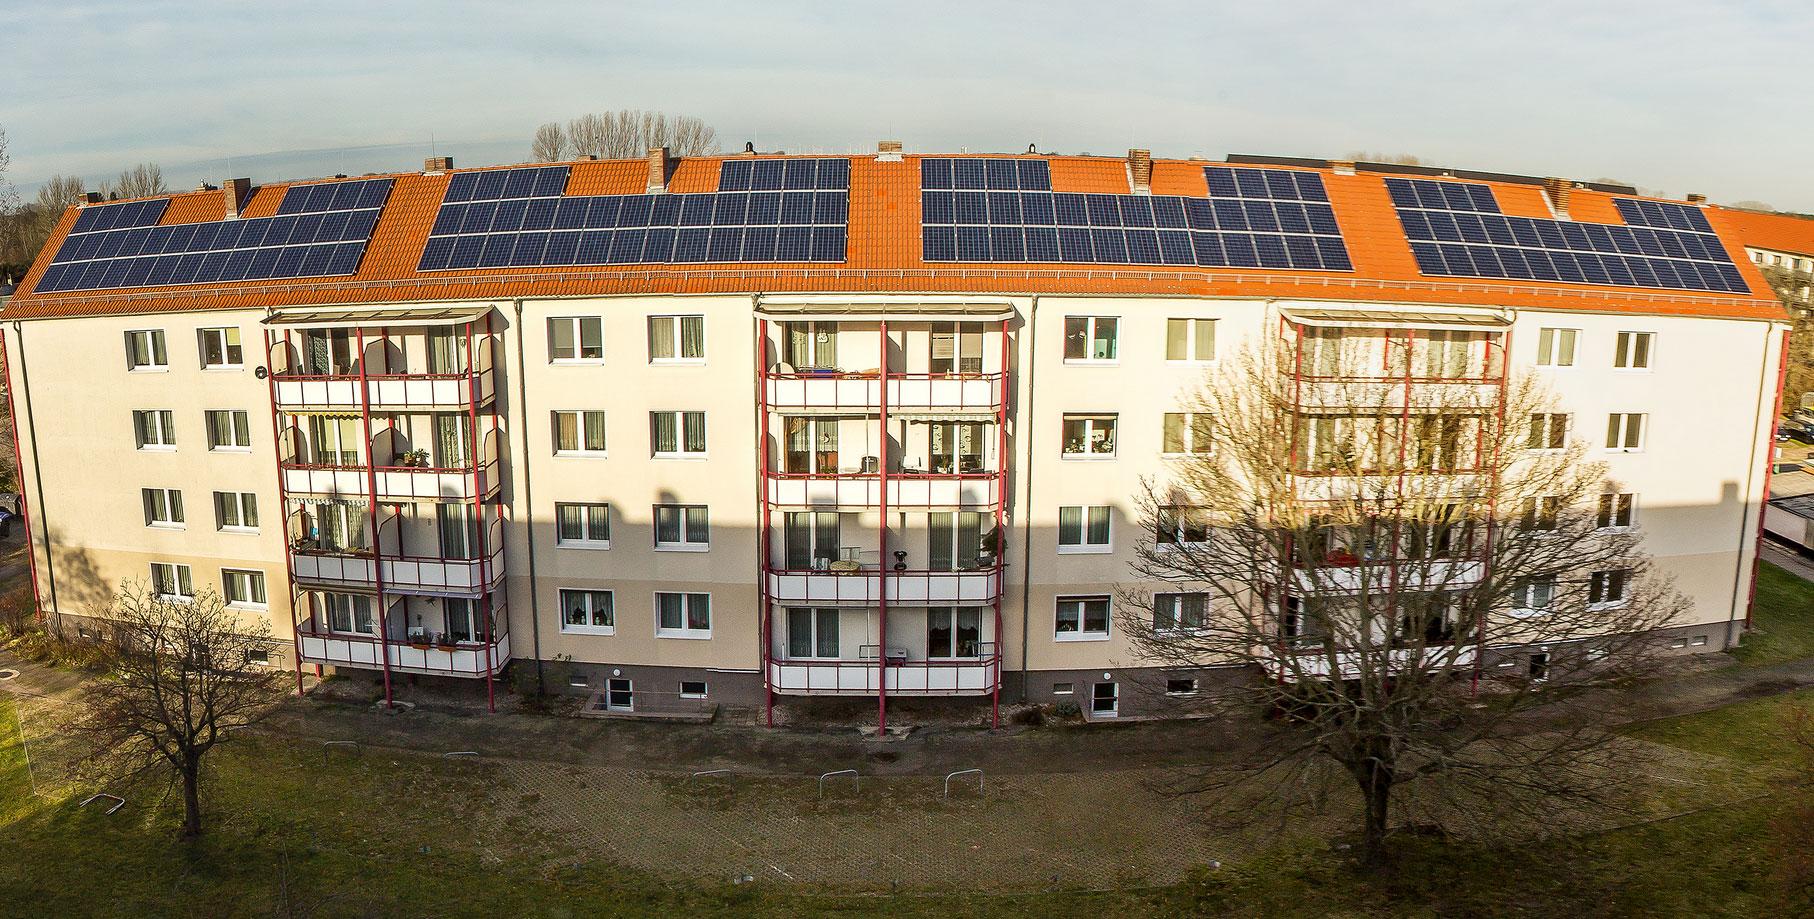 """Mieterstromprojekt """"SonnenBurg"""", Burg (Sachsen-Anhalt), 2015. Bildquelle: Stadtwerke Burg / Pressebild"""